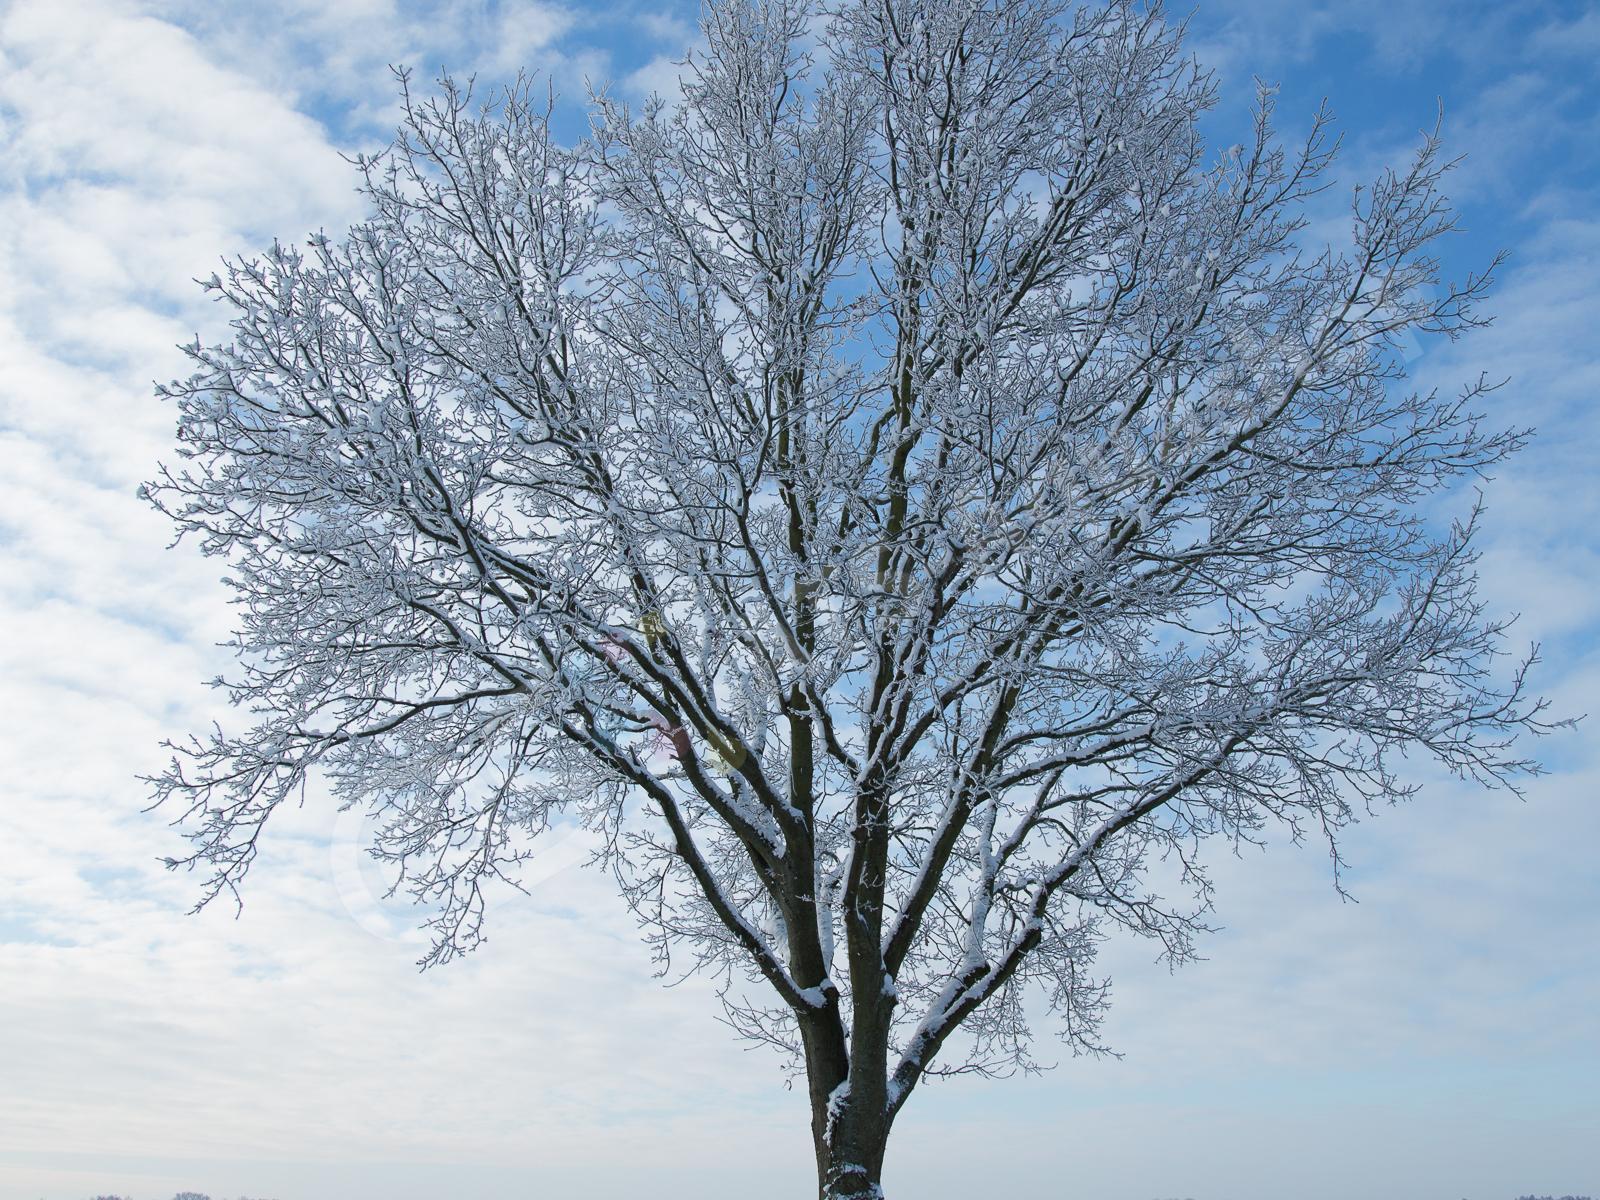 winterimpressionen andreas tanke 0159 8